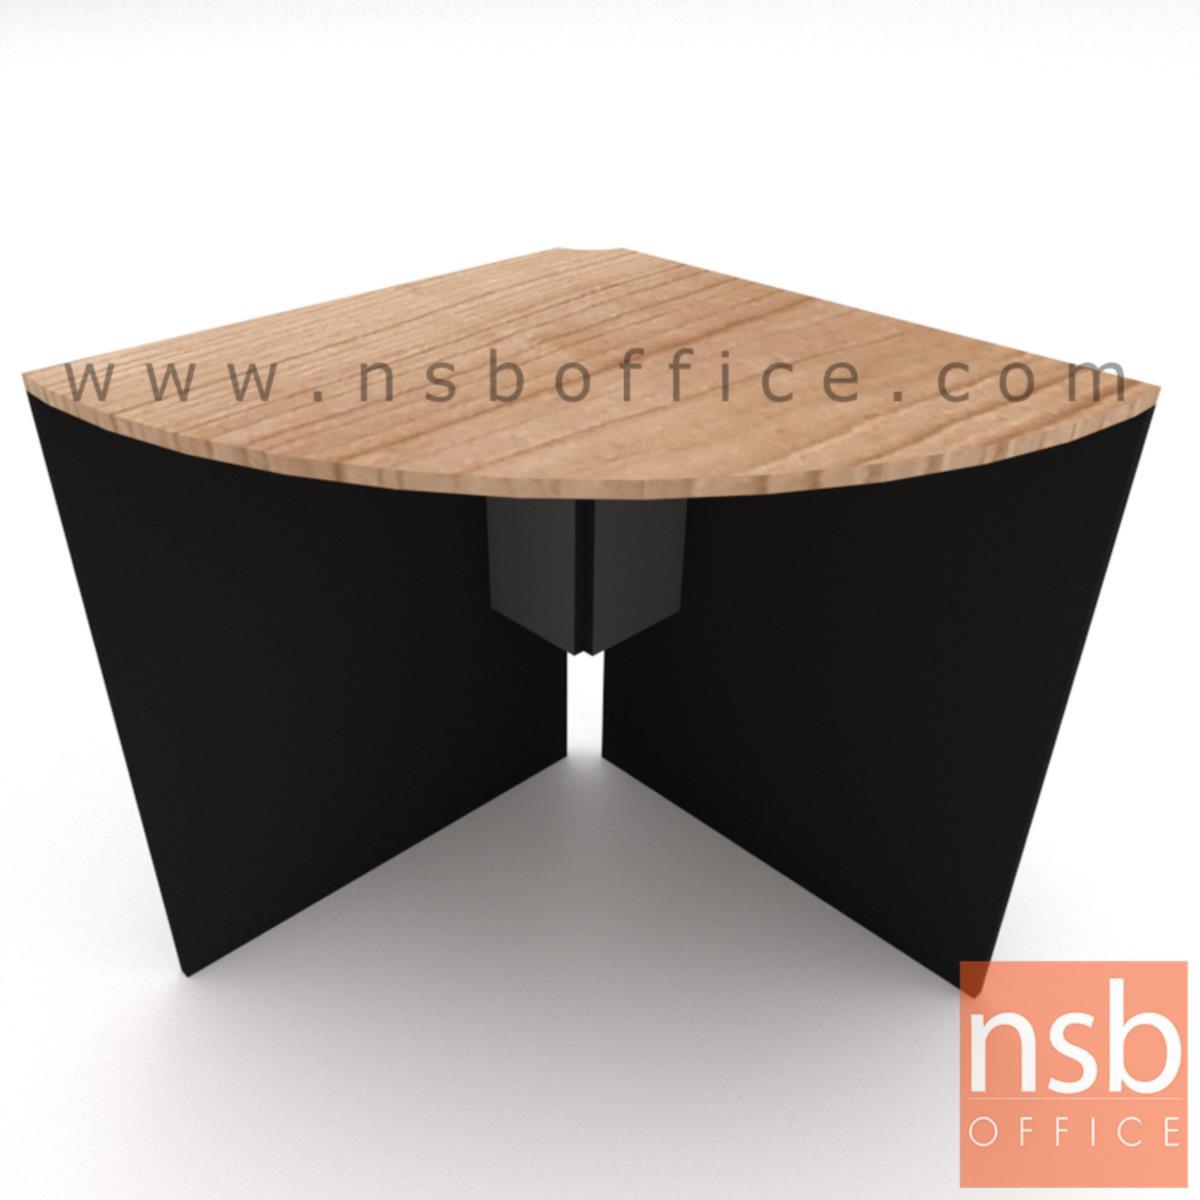 โต๊ะเข้ามุม รุ่น Geiger (ไกเกอร์) ขนาด 65R cm.  ต่อมุมโต๊ะประชุม เมลามีนล้วน